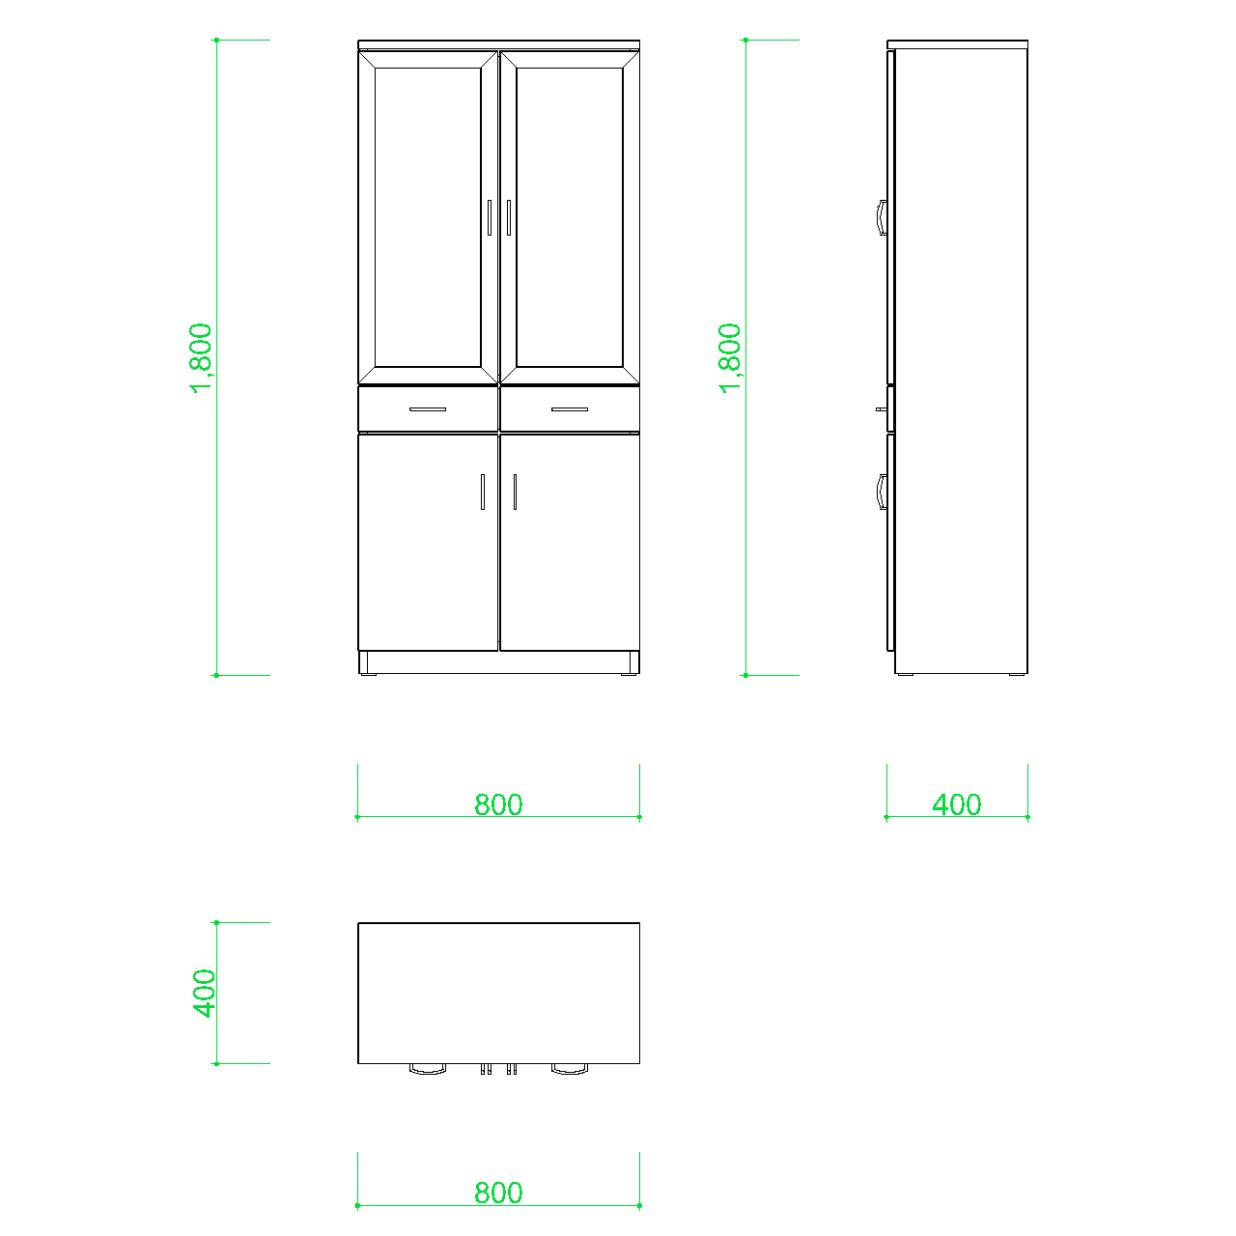 食器棚の2DCAD部品丨インテリア 家具 寸法丨無料 商用可能 フリー素材 フリーデータ AUTOCAD DWG DXF